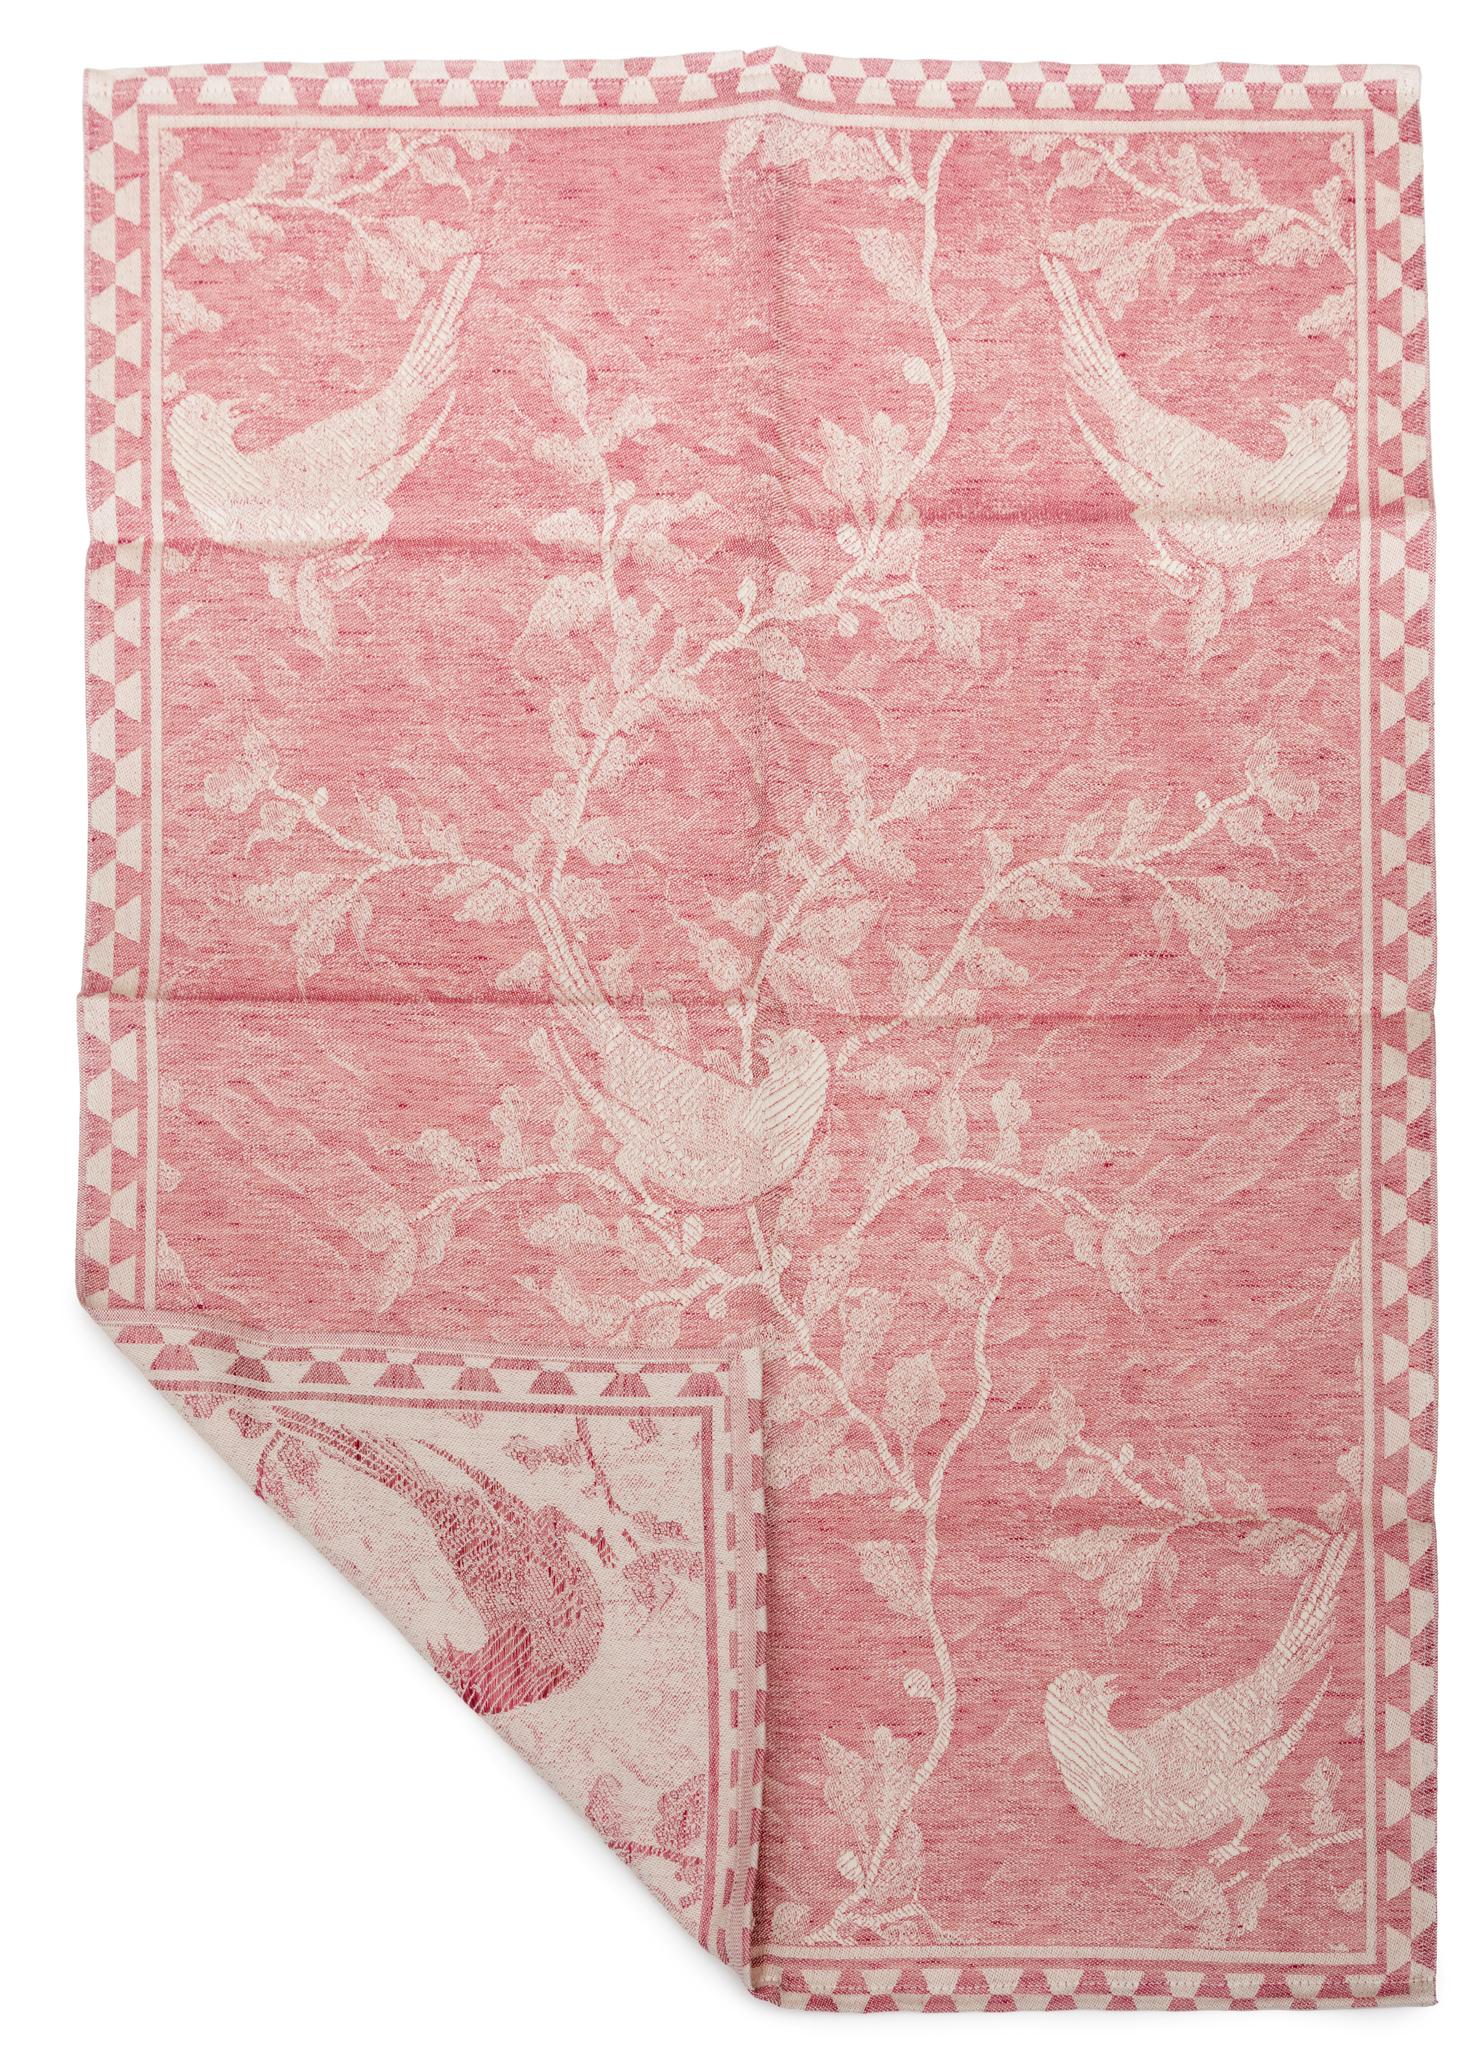 Кухонные полотенца Полотенце 50х70 Leitner розовое polotentse-kuhonnoe-50x70-leitner-rozovoe-avstriya-foto.jpg